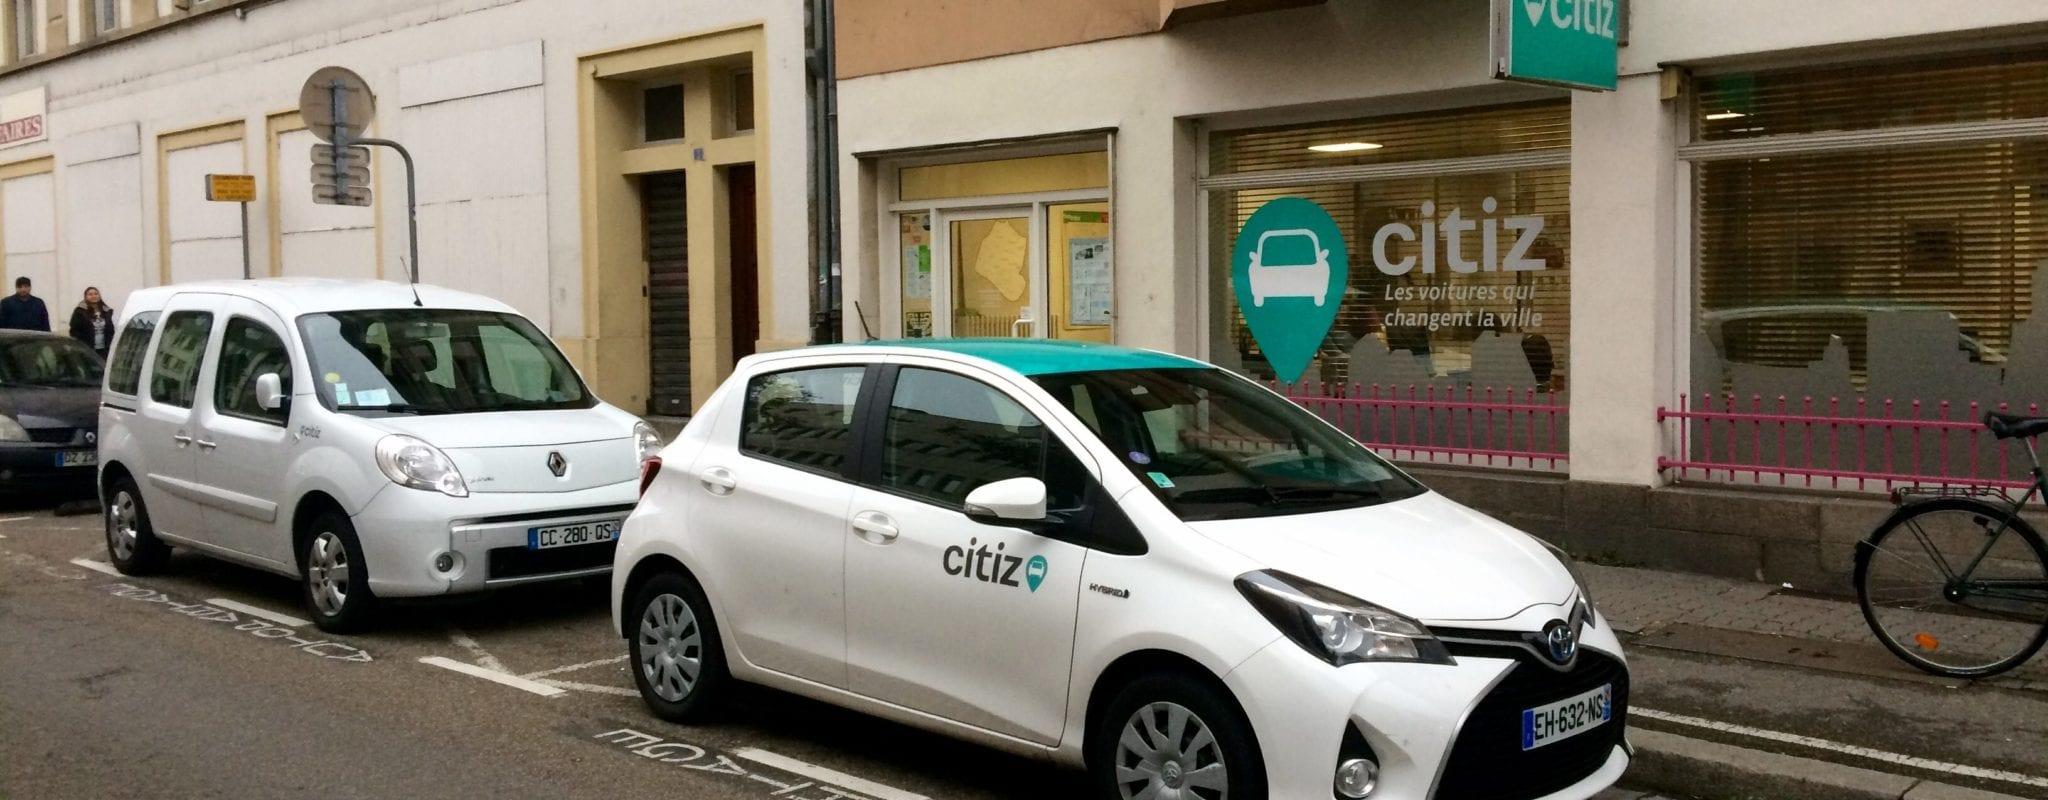 La société d'autopartage Citiz lève 1,3 million d'euros pour mieux essaimer en France